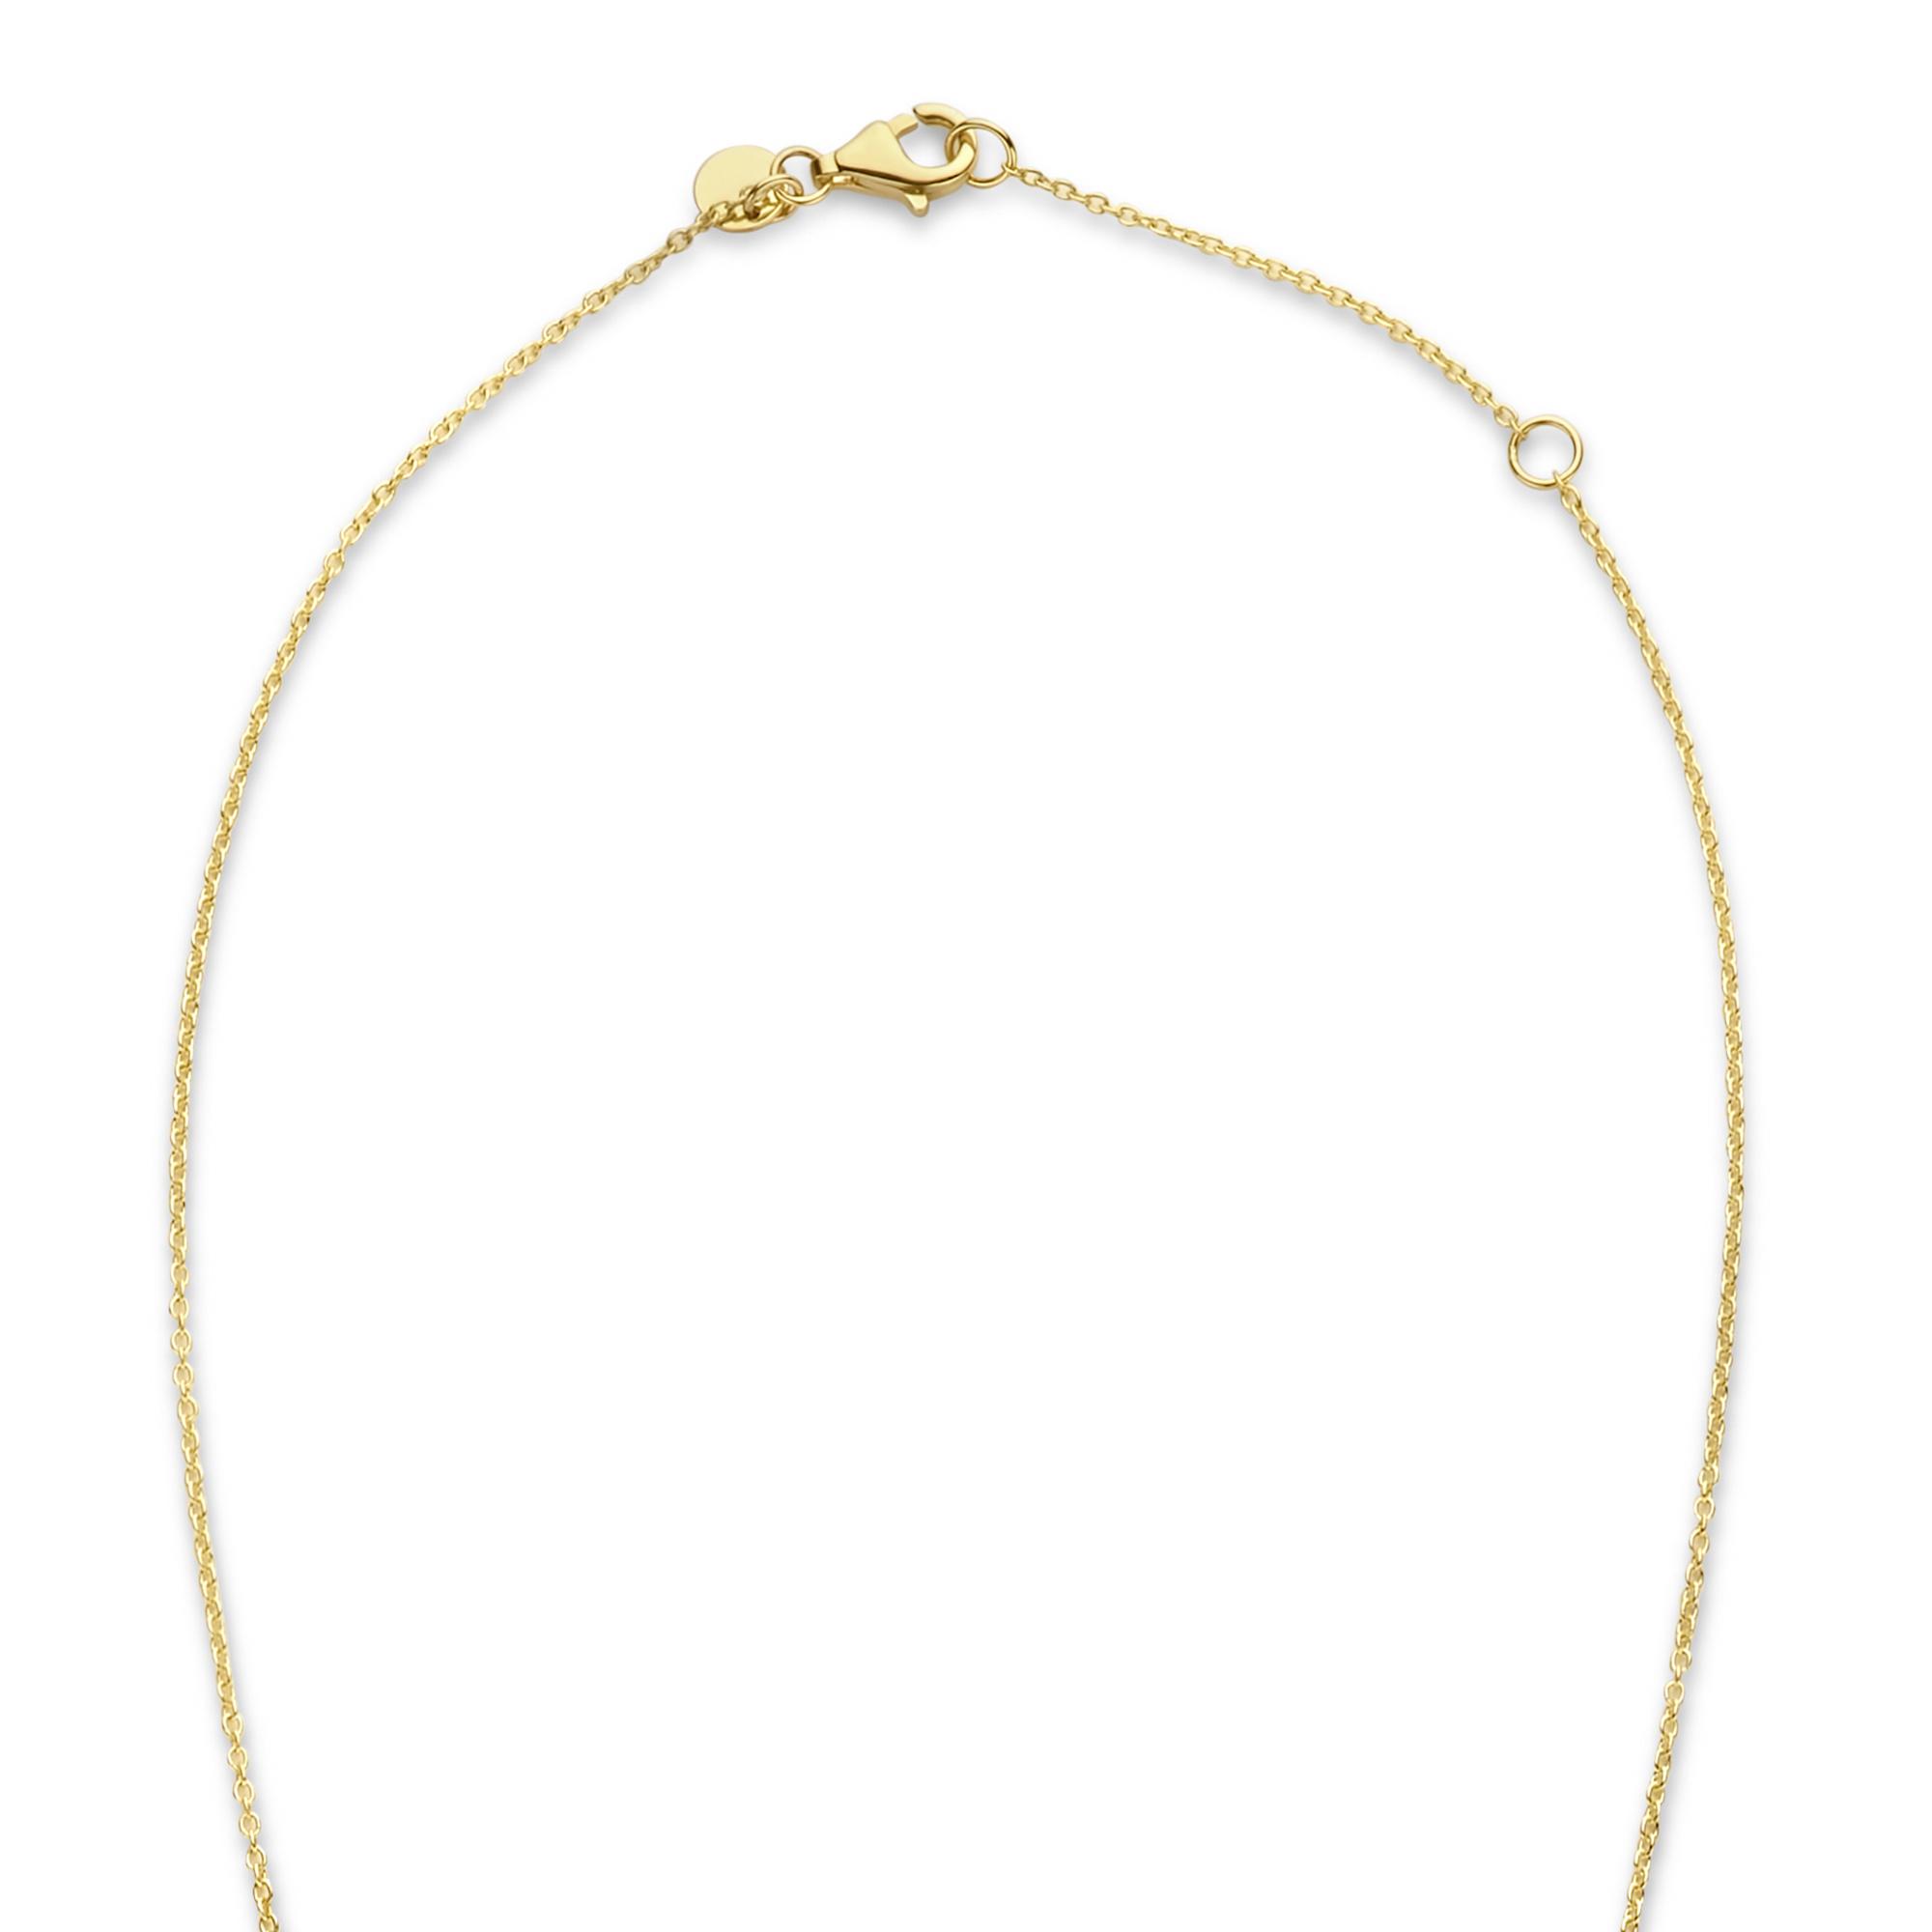 Isabel Bernard Belleville Luna collier en or 14 carats avec perle d'eau douce